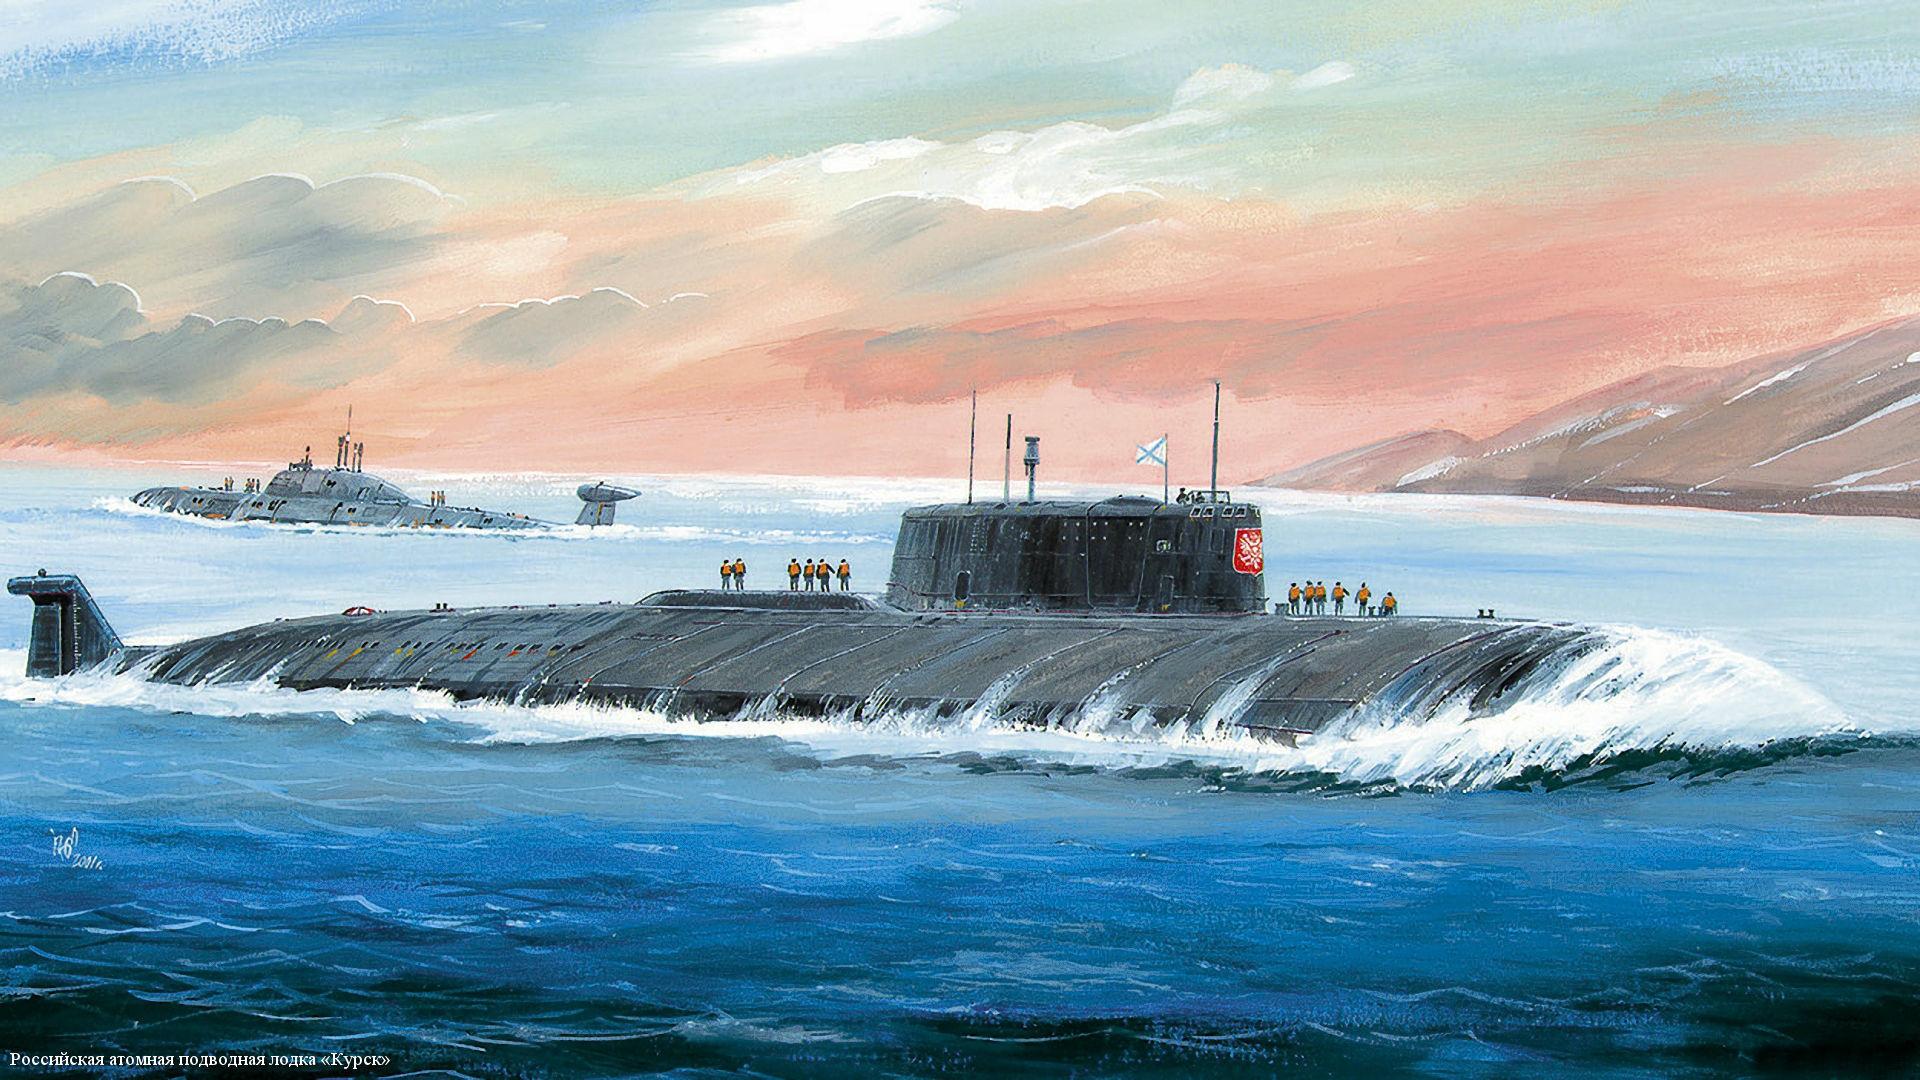 Картинки подводных лодок на рабочий стол